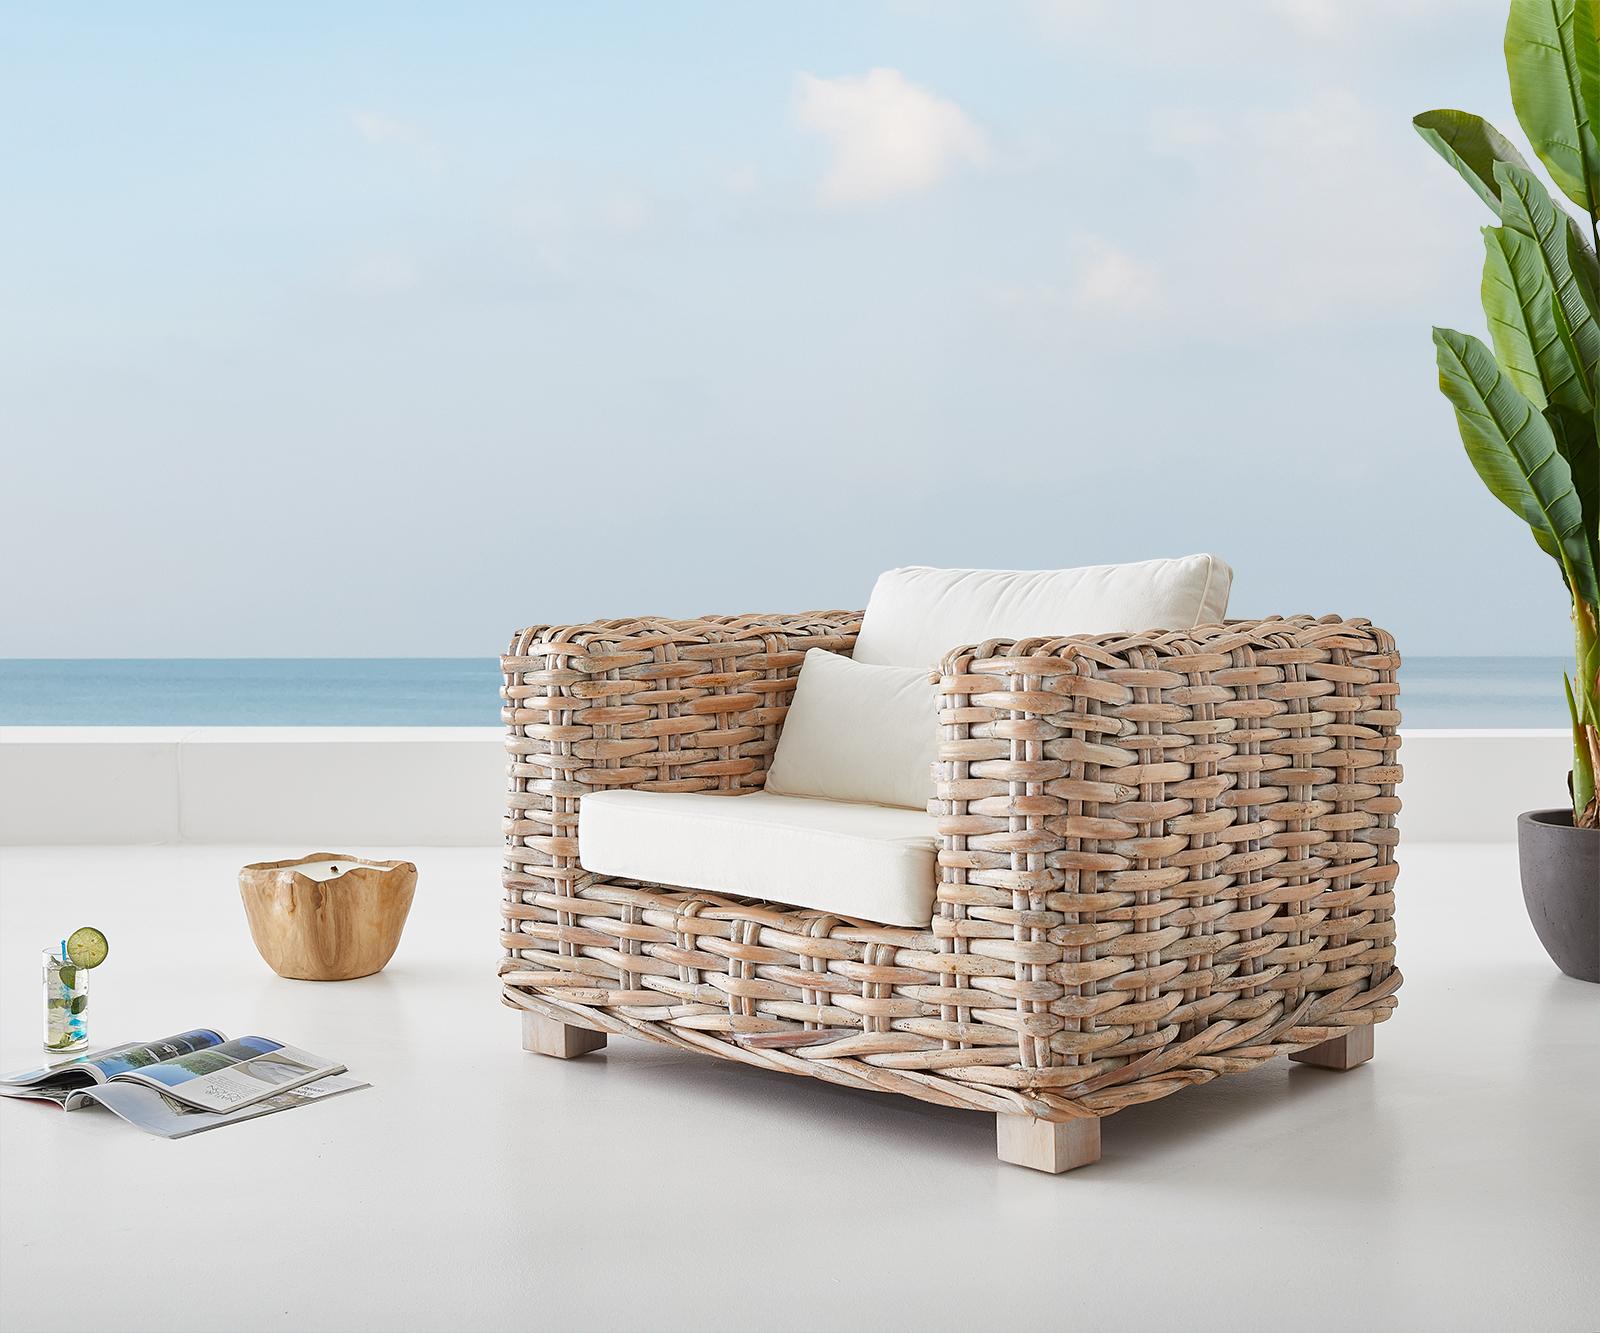 Loungesessel Nizza 103x95 aus Rattan white washed mit Kissen weiß